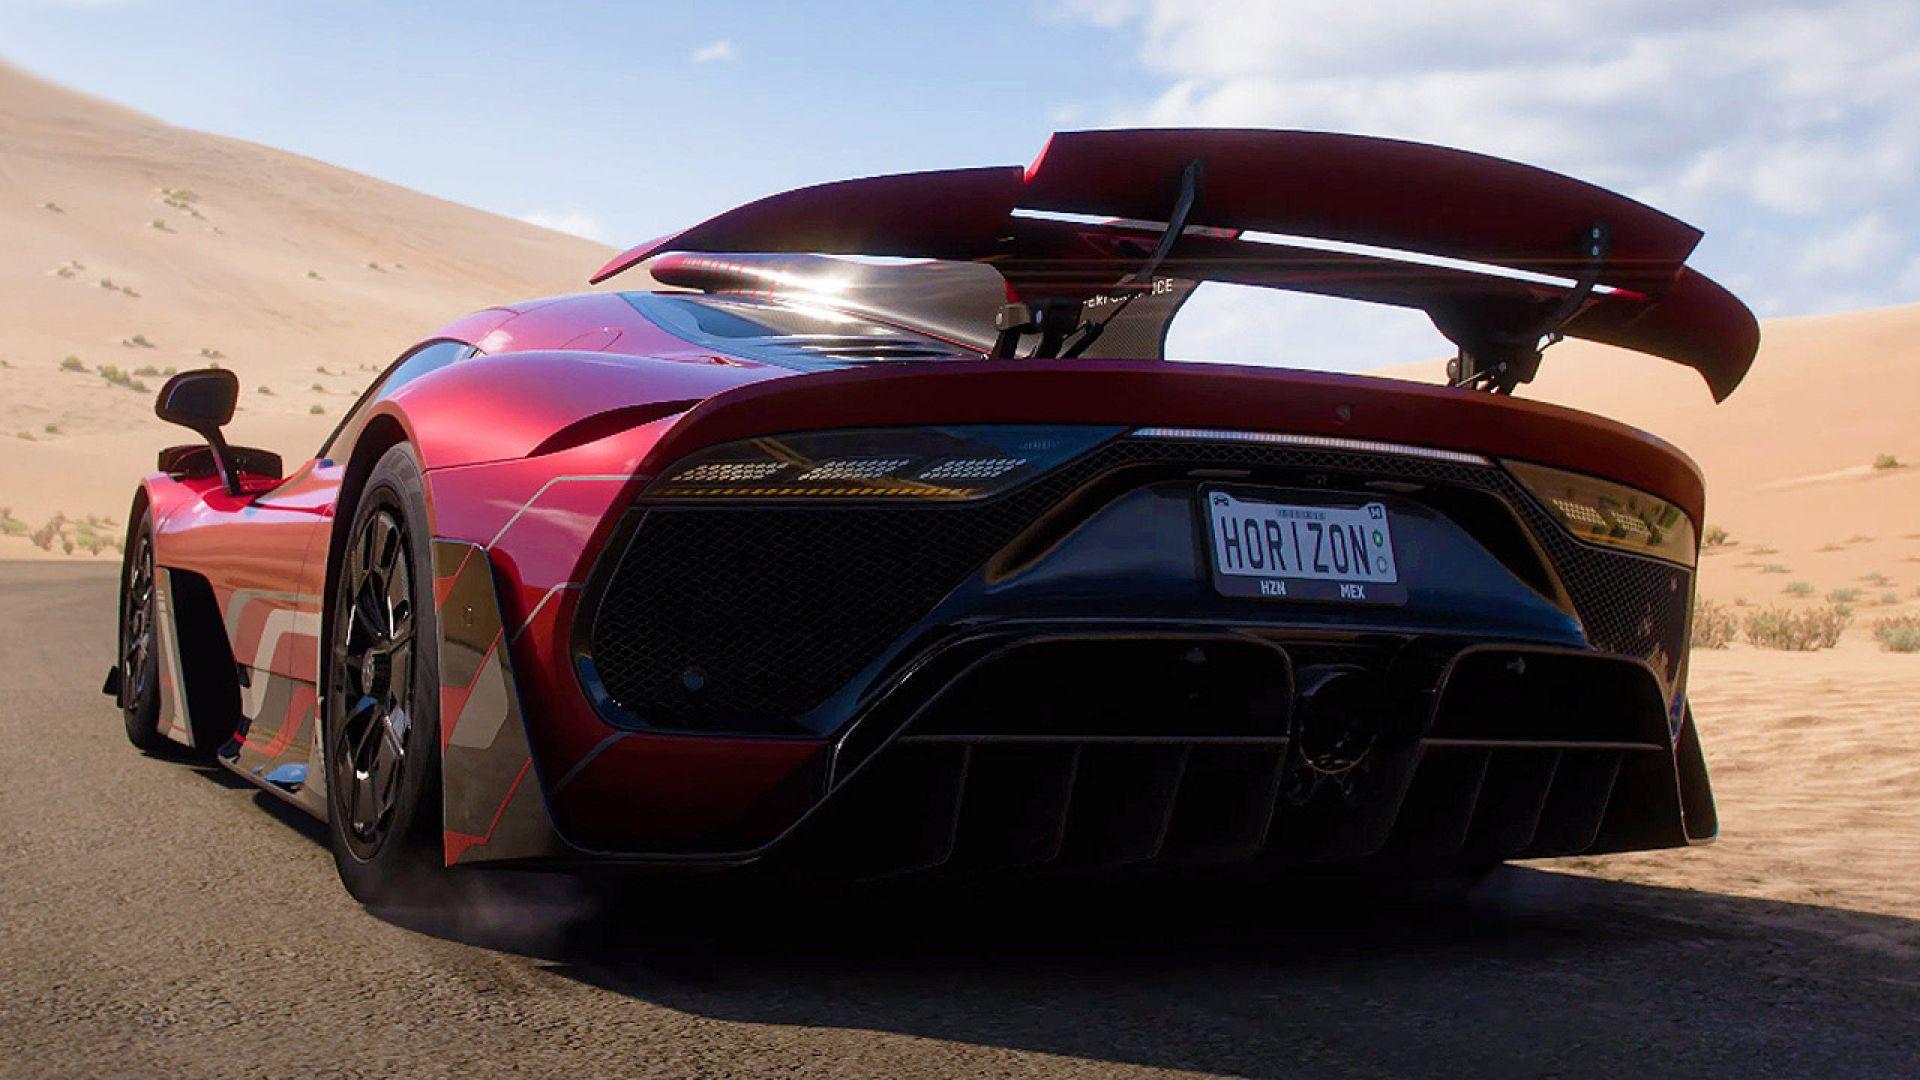 نمایشگاه E3 2021: نمایش گیم پلی بازی Forza Horizon 5